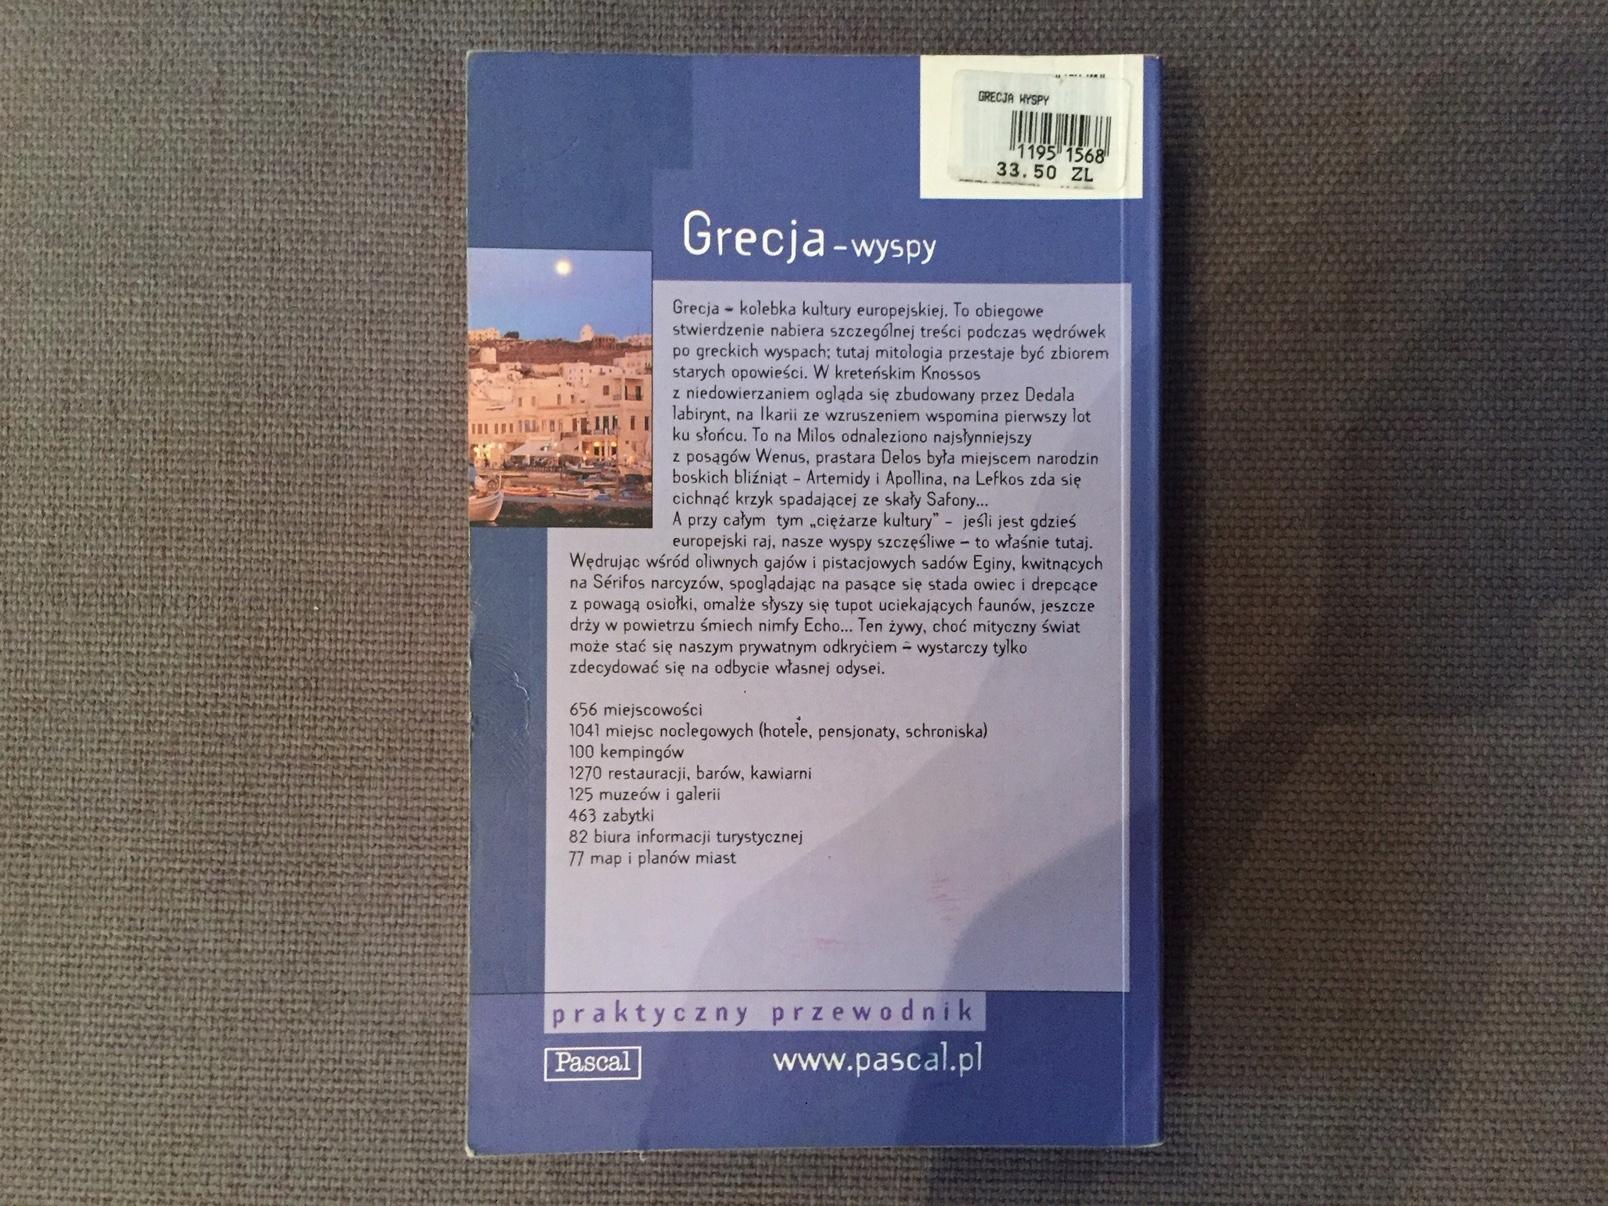 Grecja wyspy / praktyczny przewodnik / Pascal